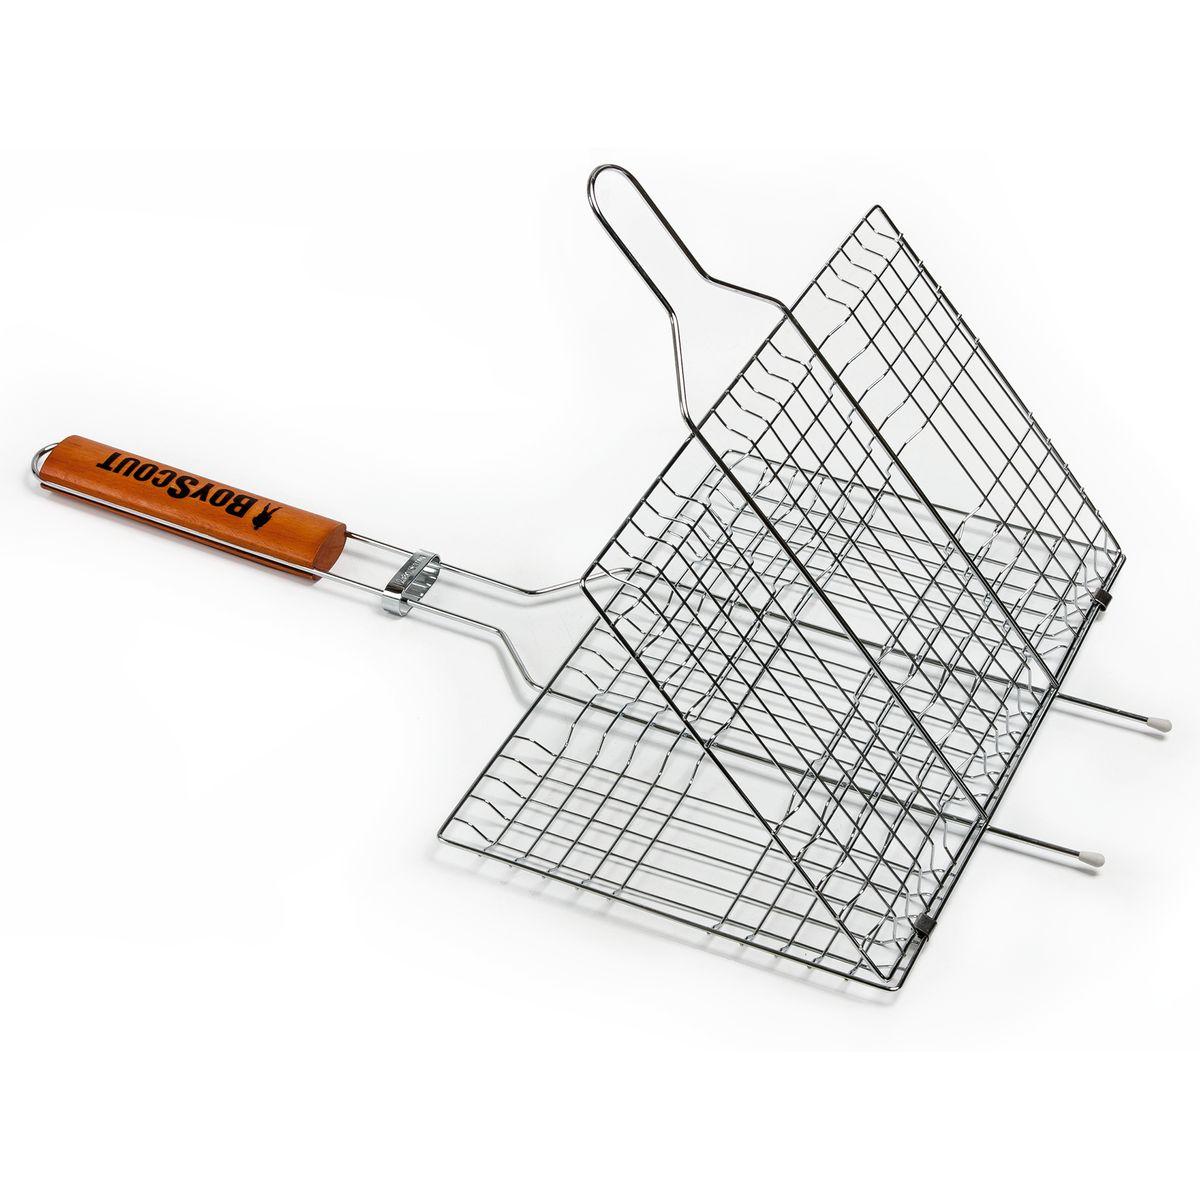 Решетка-гриль Boyscout, универсальная, 59 х 33 х 2,5 см + ПОДАРОК: Веер для розжига Boyscout391602Решетка-гриль Boyscout предназначена для приготовления пищи на открытом воздухе. Изготовлена из высококачественной стали с пищевым хромированным покрытием. Решетка имеет деревянную вставку на ручке, предохраняющую руки от ожогов и позволяющую без труда перевернуть решетку. Надежное кольцо-фиксатор гарантирует, что решетка не откроется, и продукты не выпадут.Приготовление вкусных блюд из рыбы, мяса или птицы на пикнике становится еще более быстрым и удобным с использованием решетки-гриль. К решетке прилагается подарок - веер для розжига, выполненный из плотного картона.Размер рабочей поверхности: 33 см х 22 см х 2,5 см.Длина ручки: 32 см.Размер веера: 21 см х 15 см х 0,5 см.